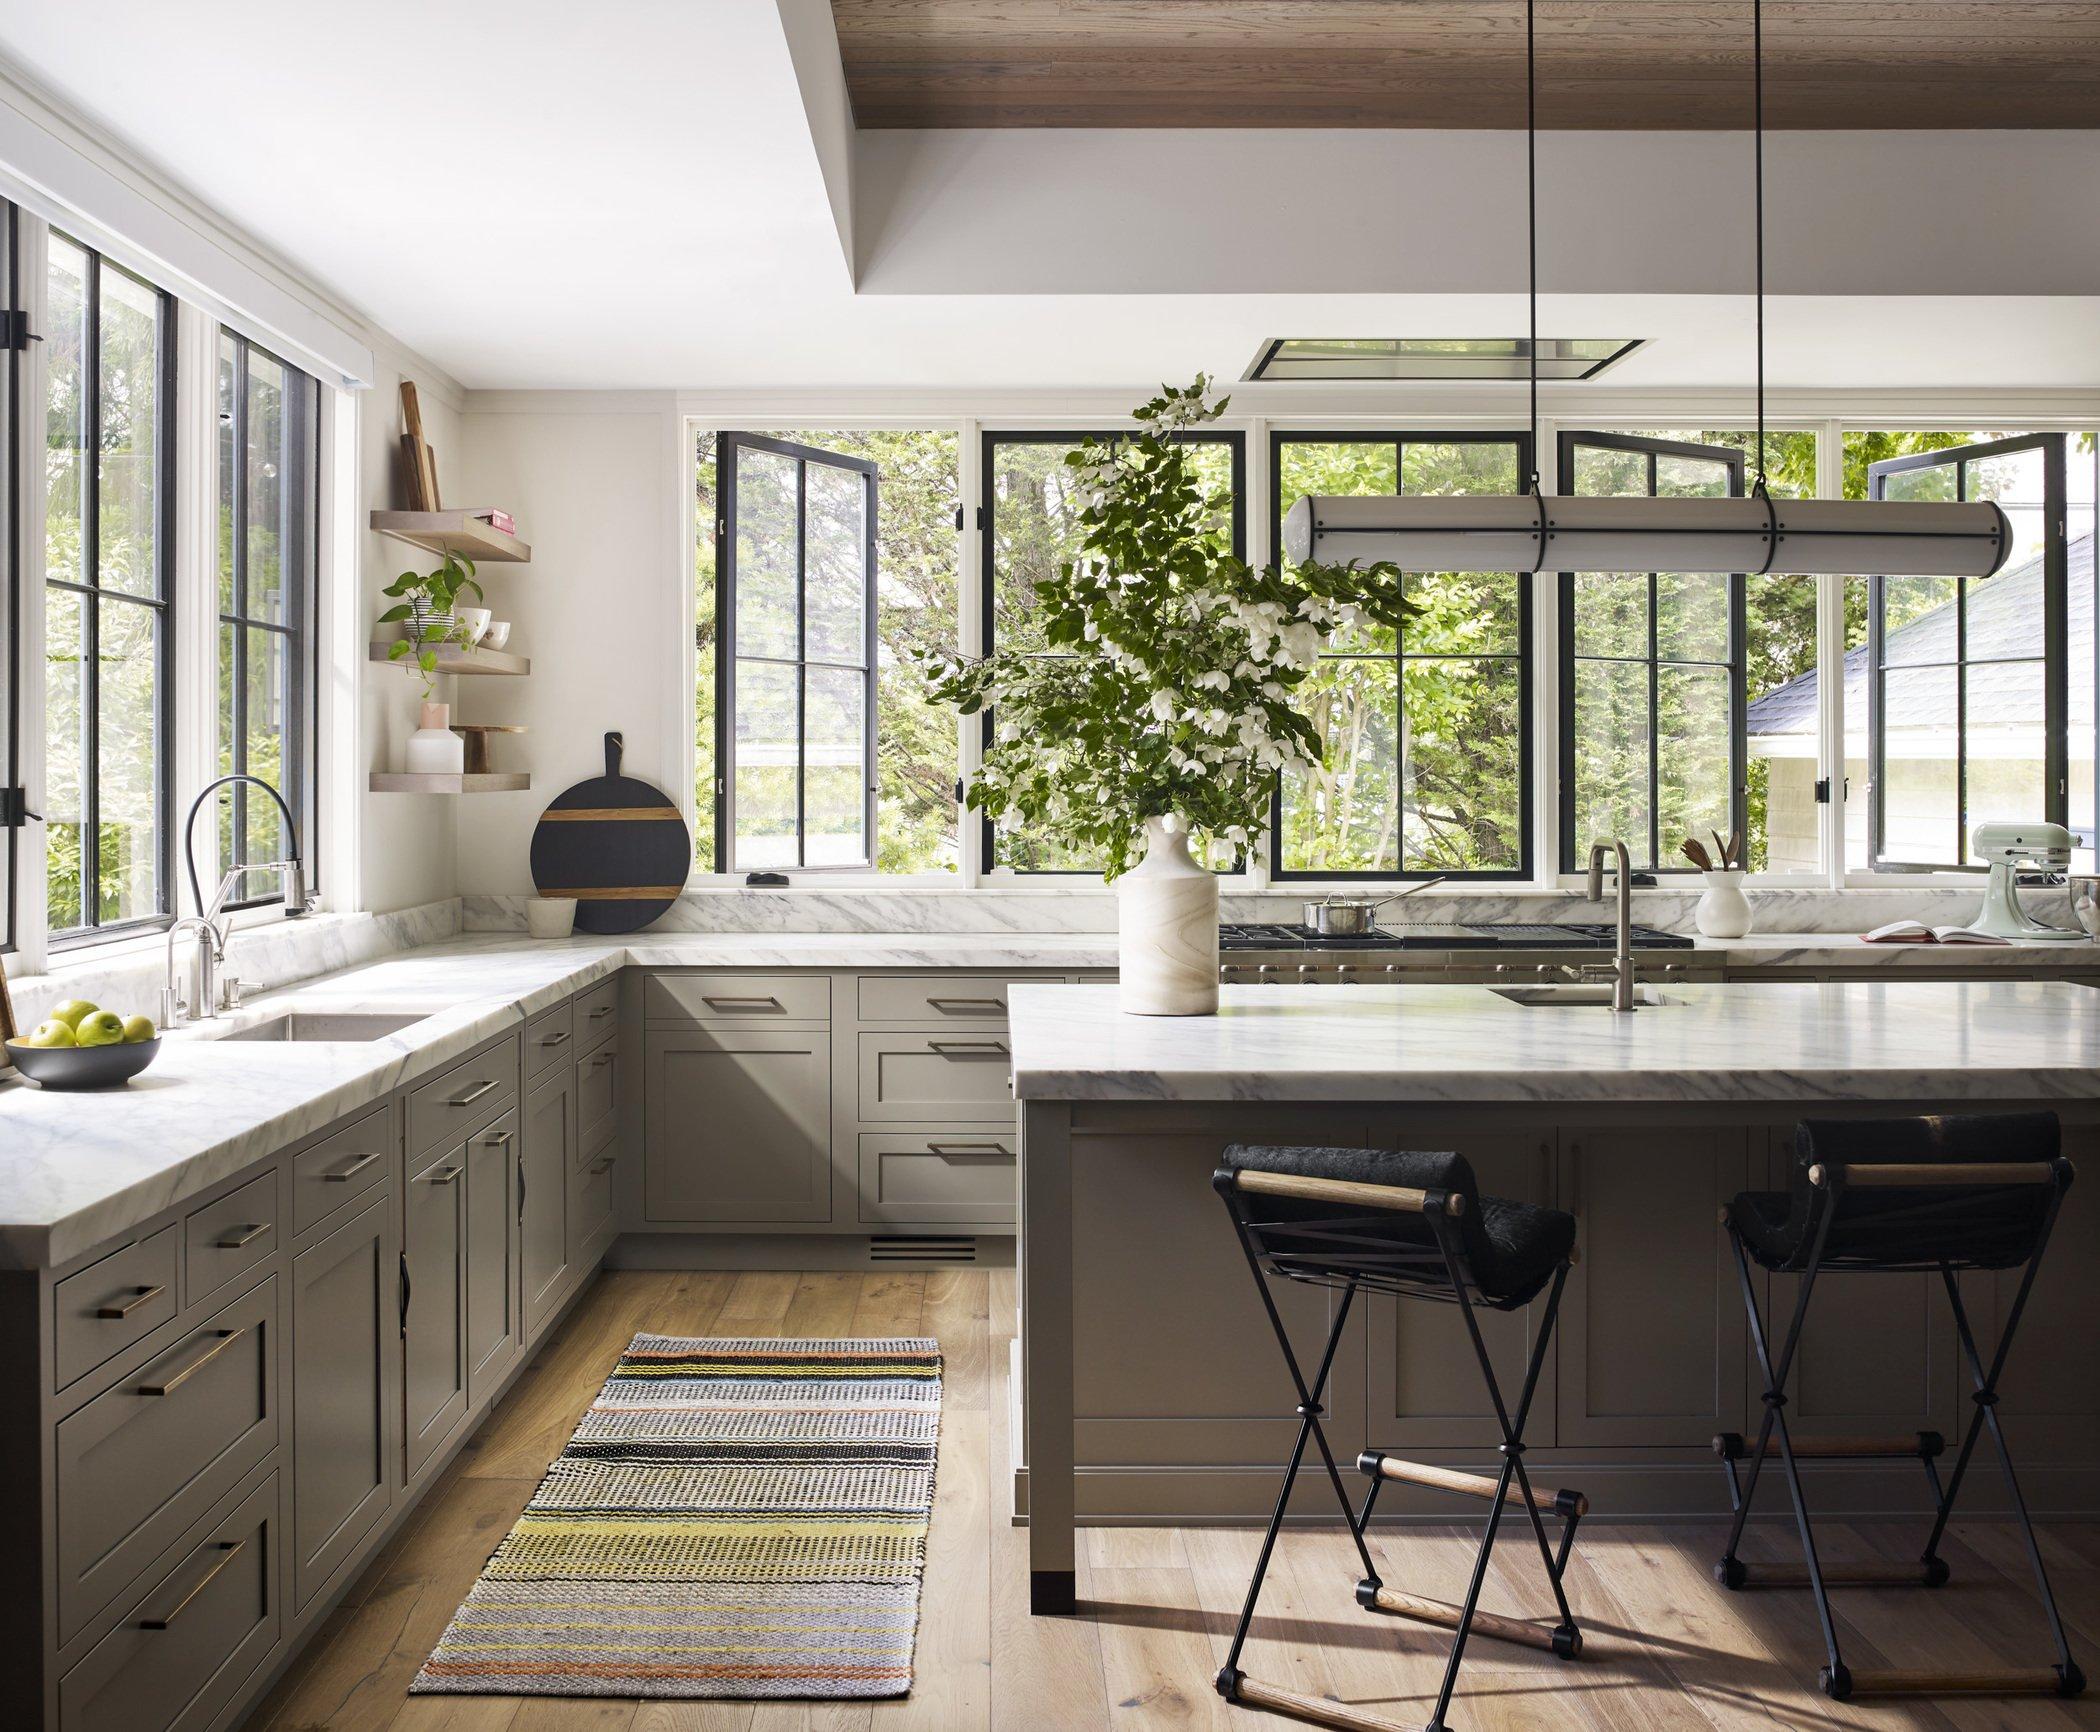 National Kitchen Bath Association Nkba Reveals Its 2020 Design Industry Award Winners Kbis